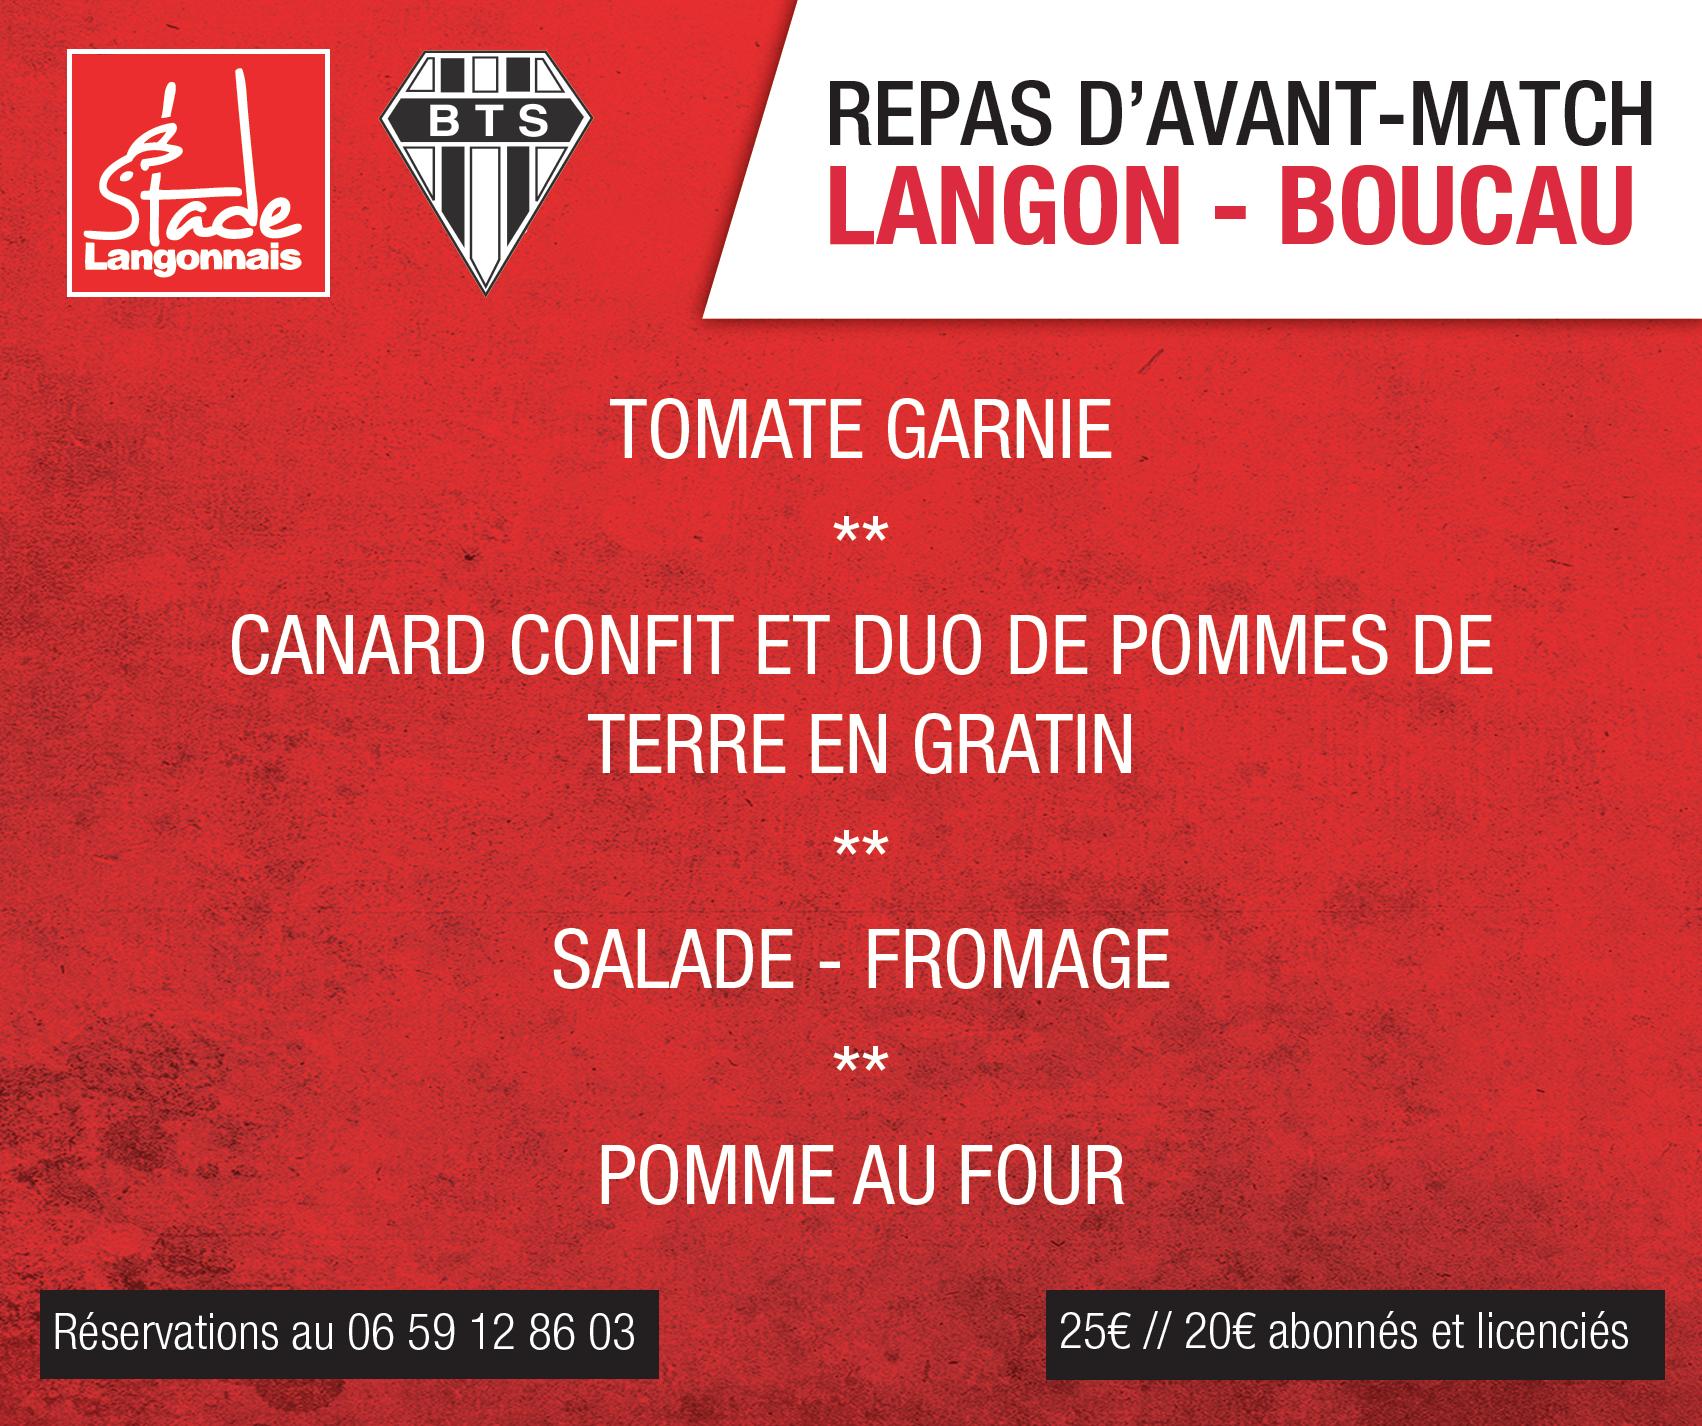 Repas d'avant-match Stade Langonnais – Boucau Tarnos